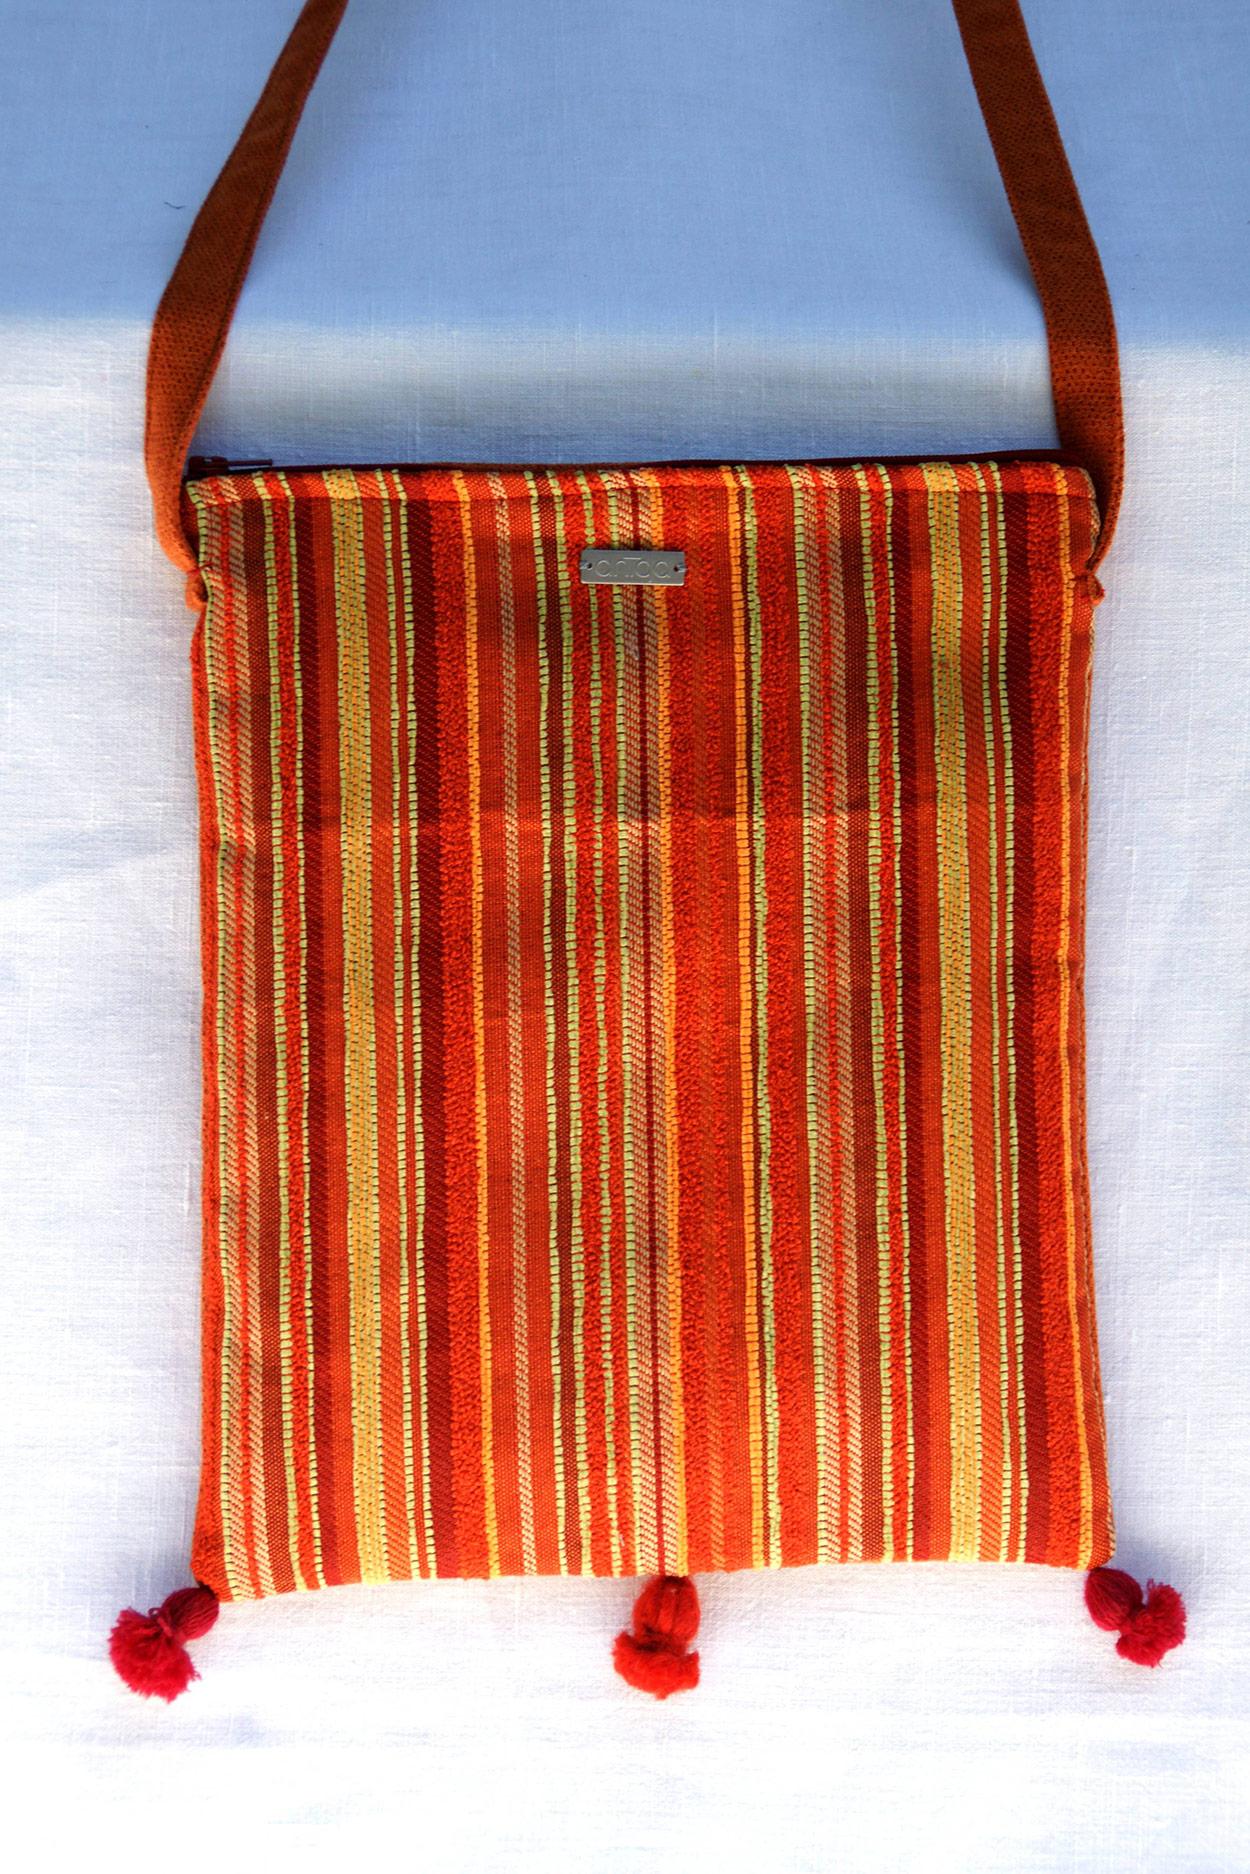 Pömmeltaschen-(1)